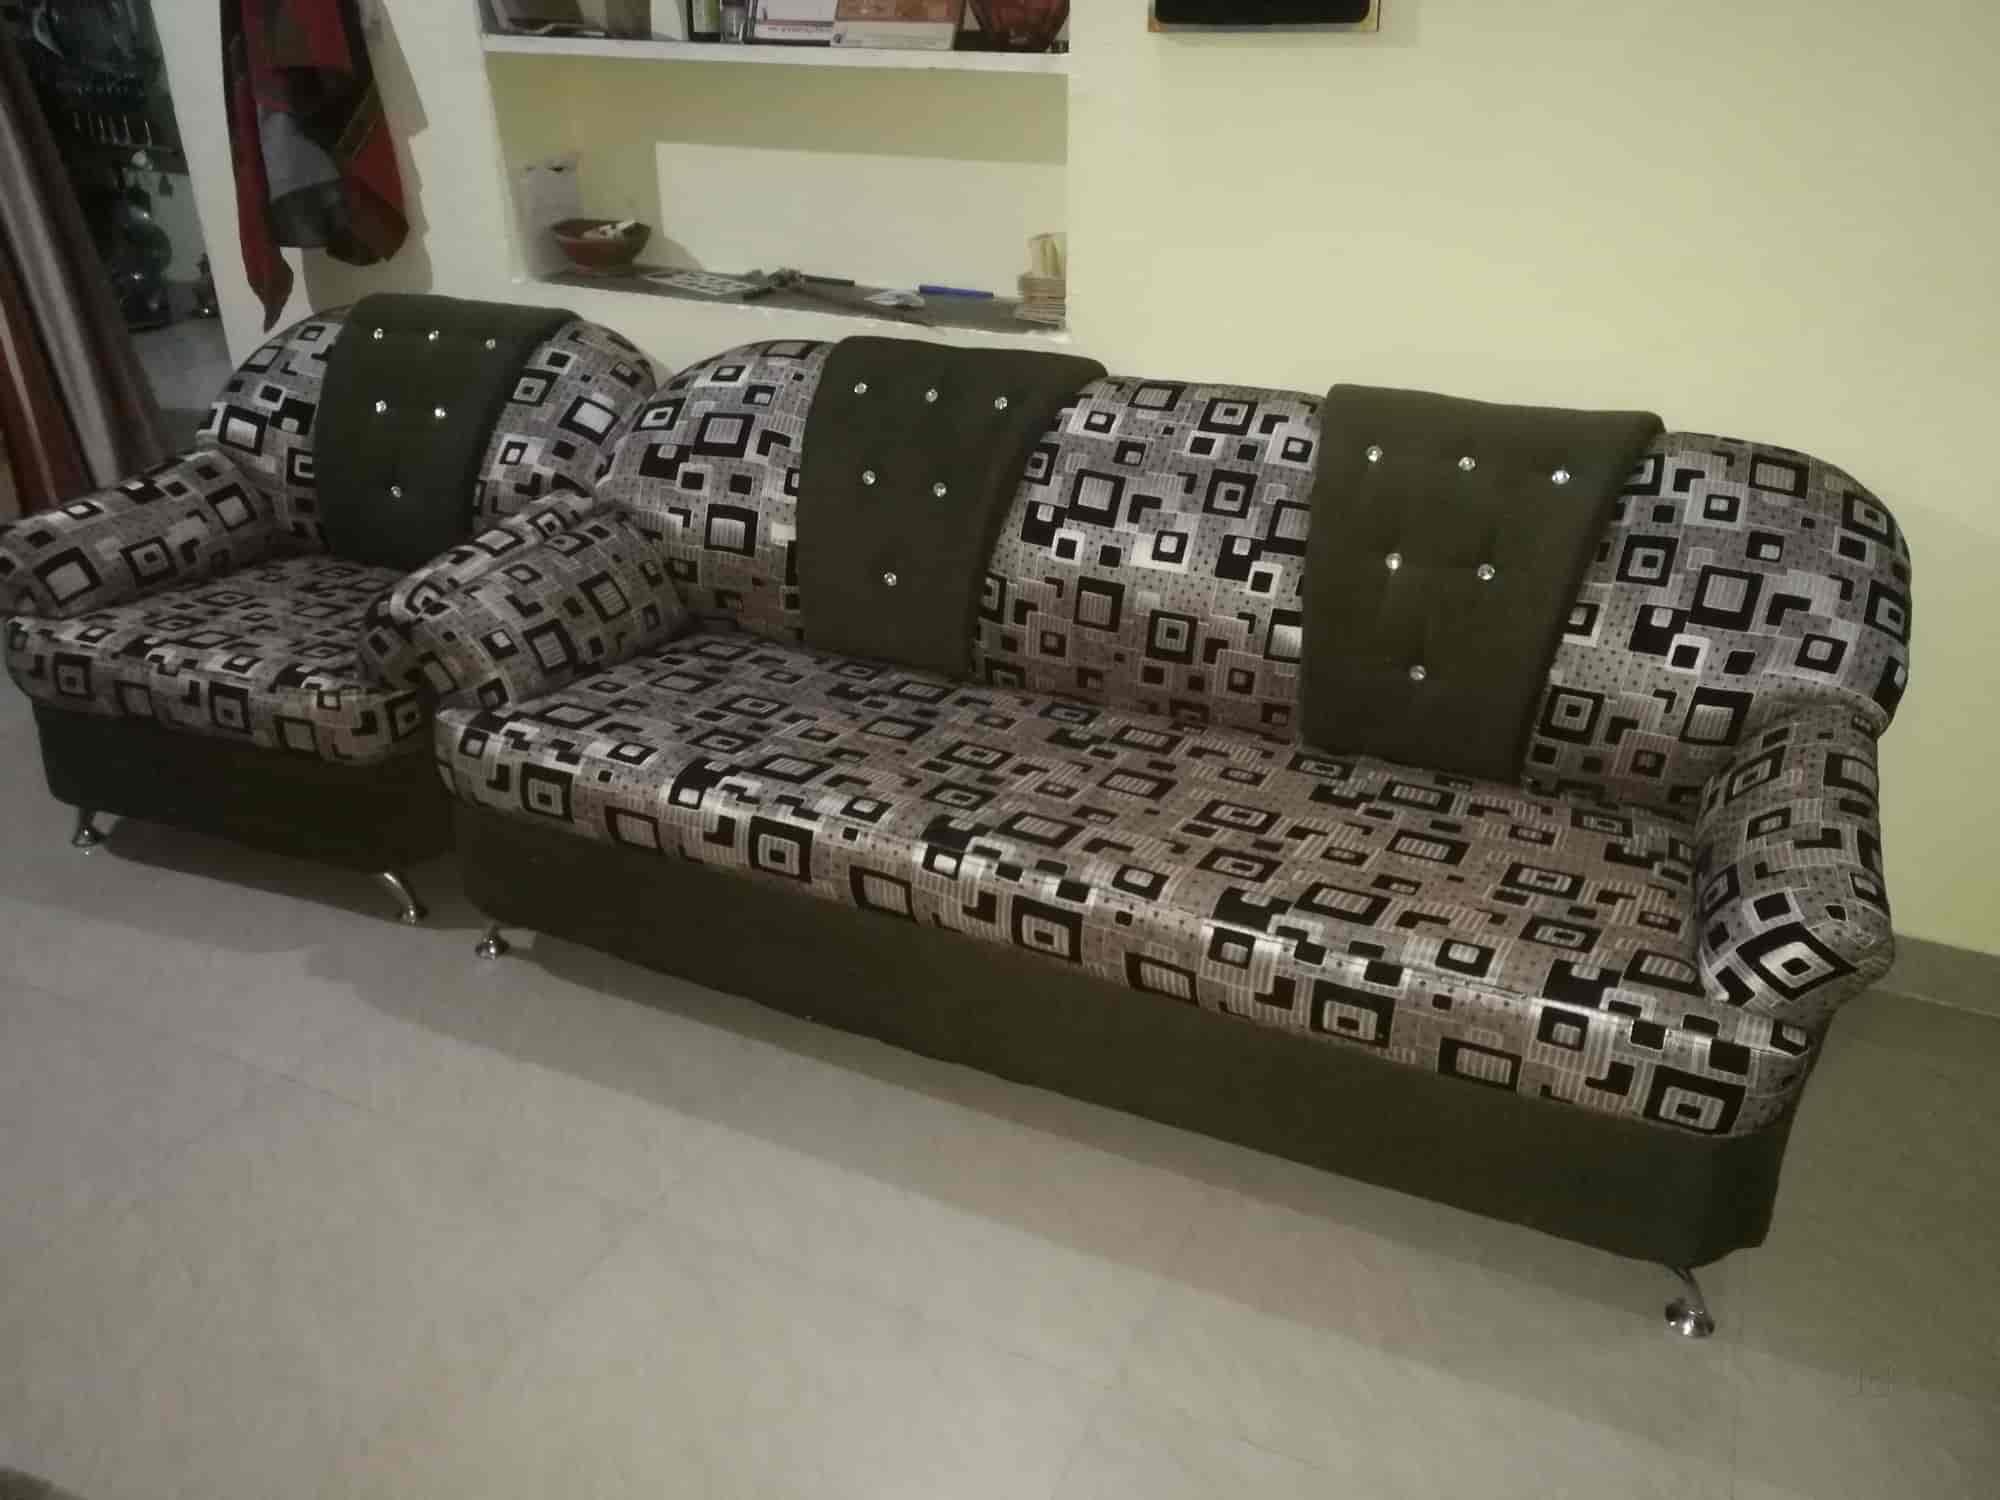 Aabis Sofa Repairing Gaadi Bhandar Manish Nagar Gadi Set Repair Services In Nagpur Justdial